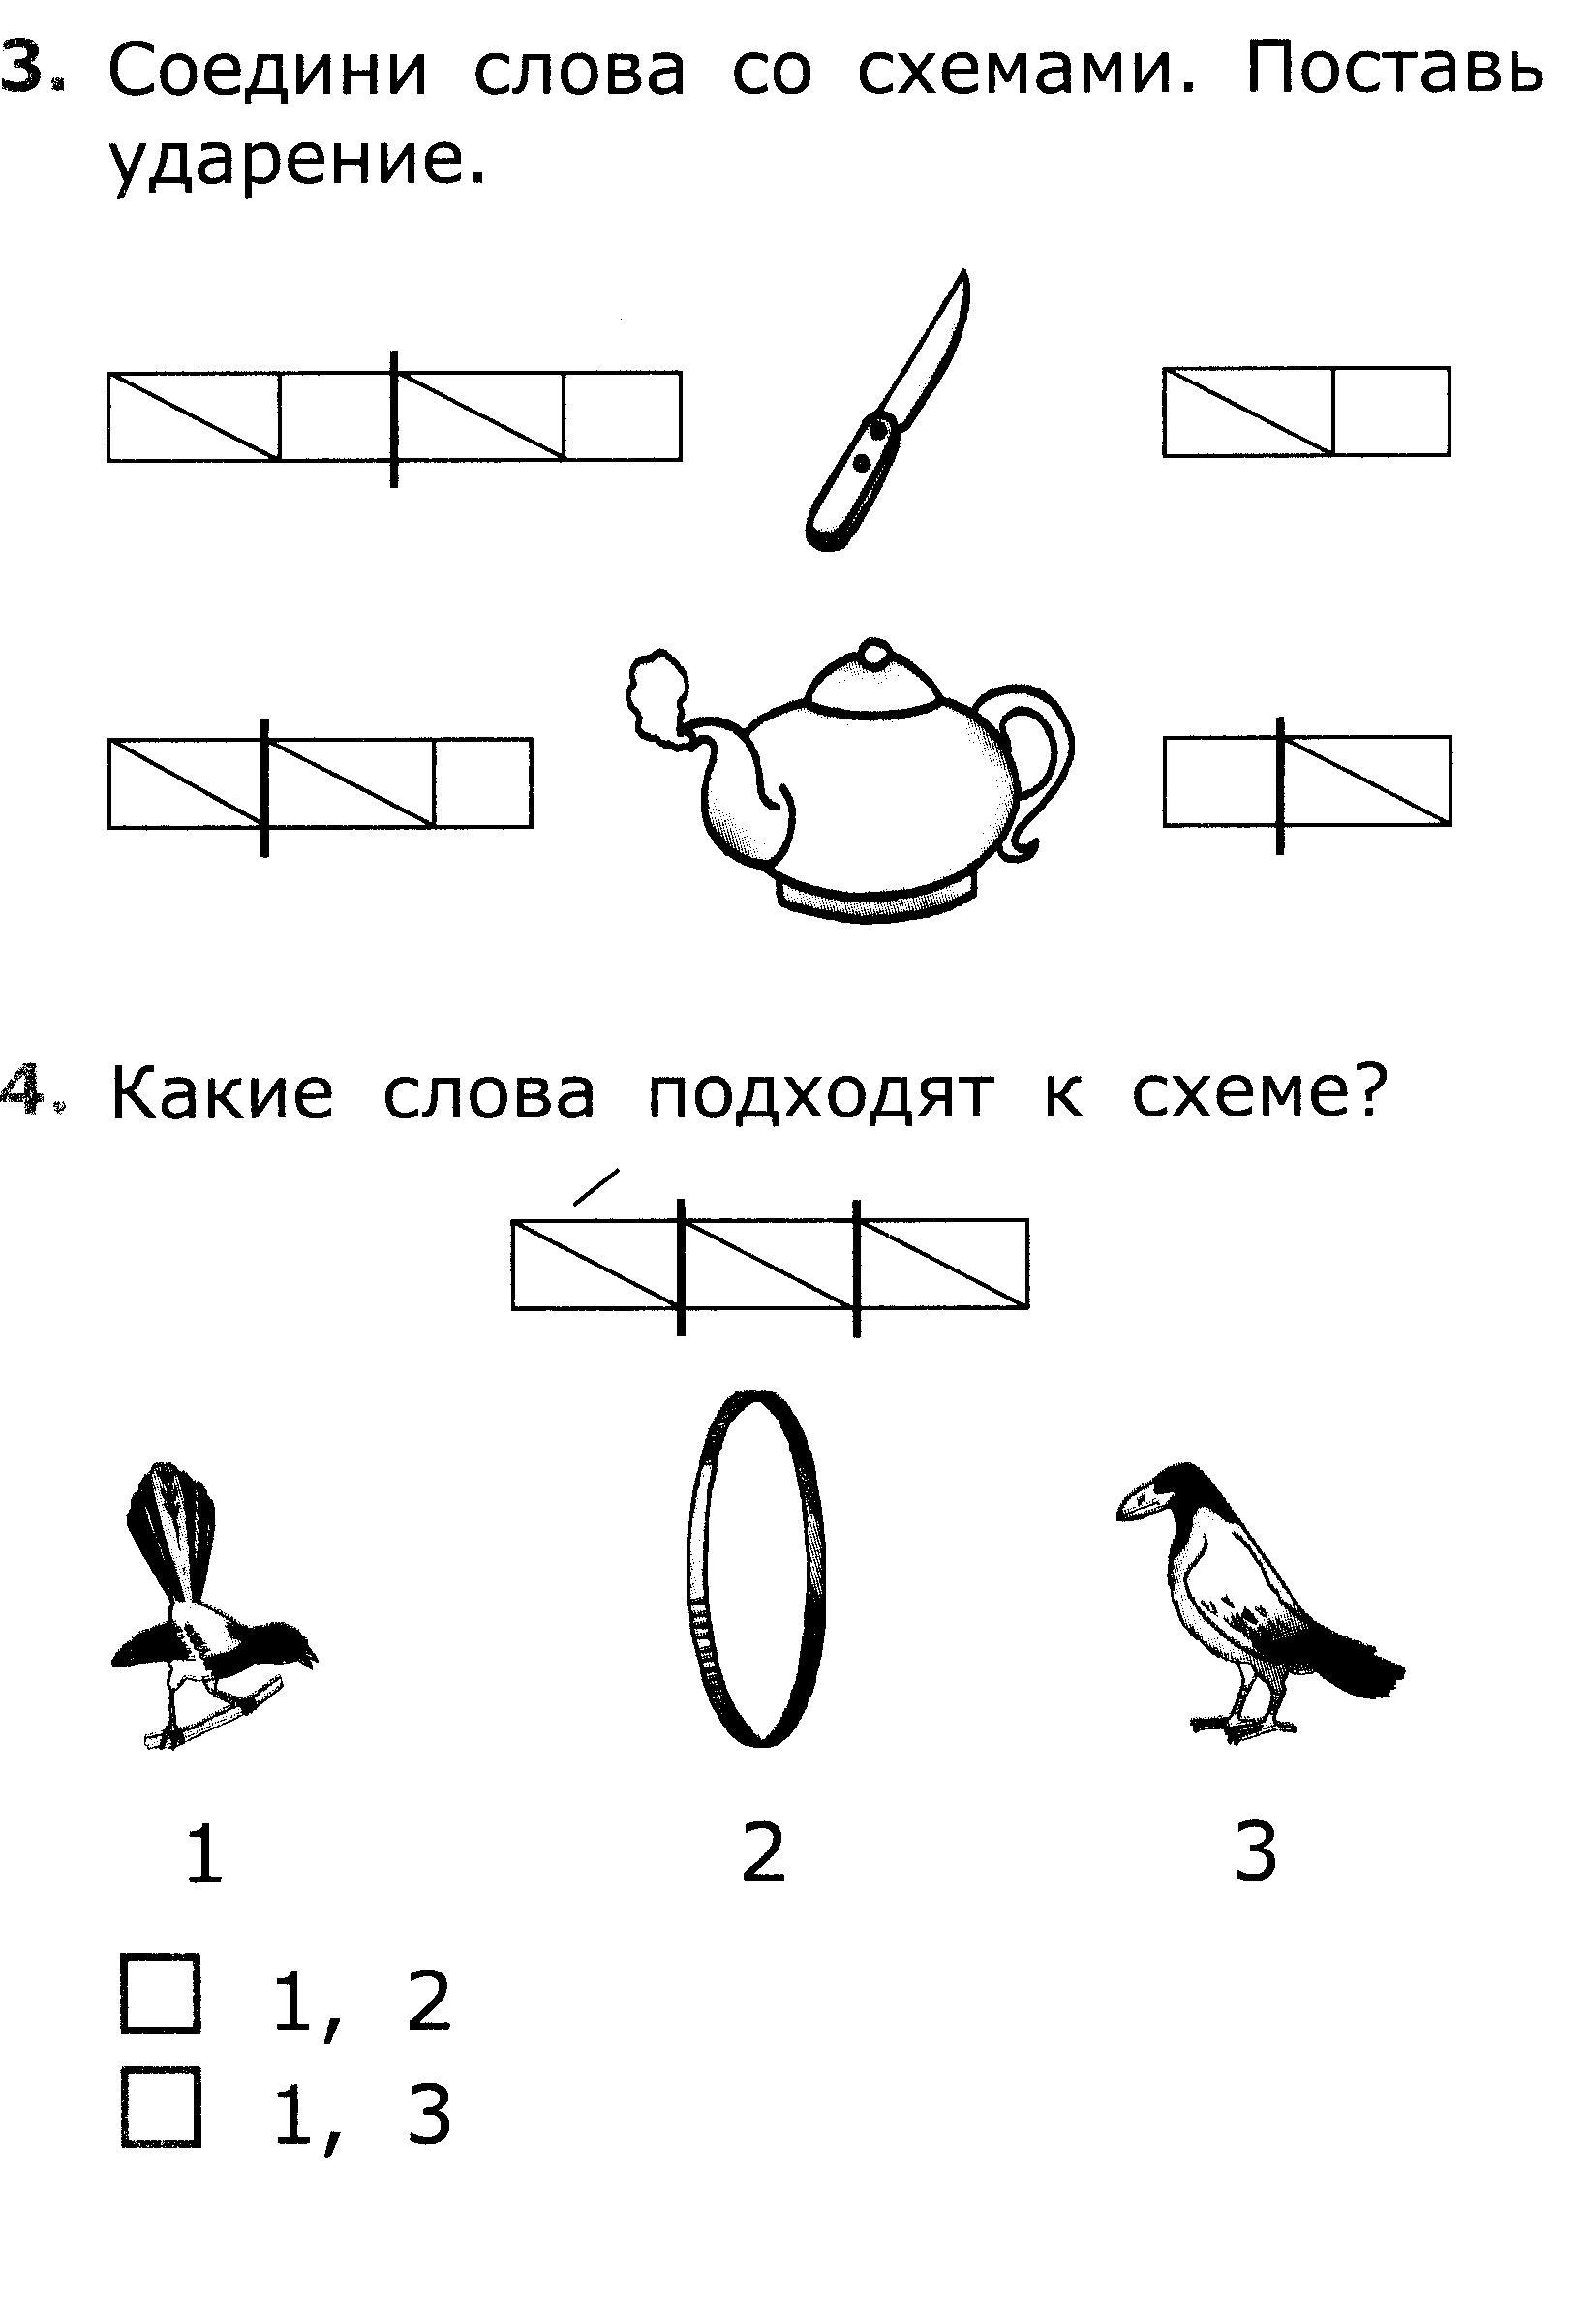 соотнесите картинки со схемами и раскрасьте кружок советском союзе выпуск